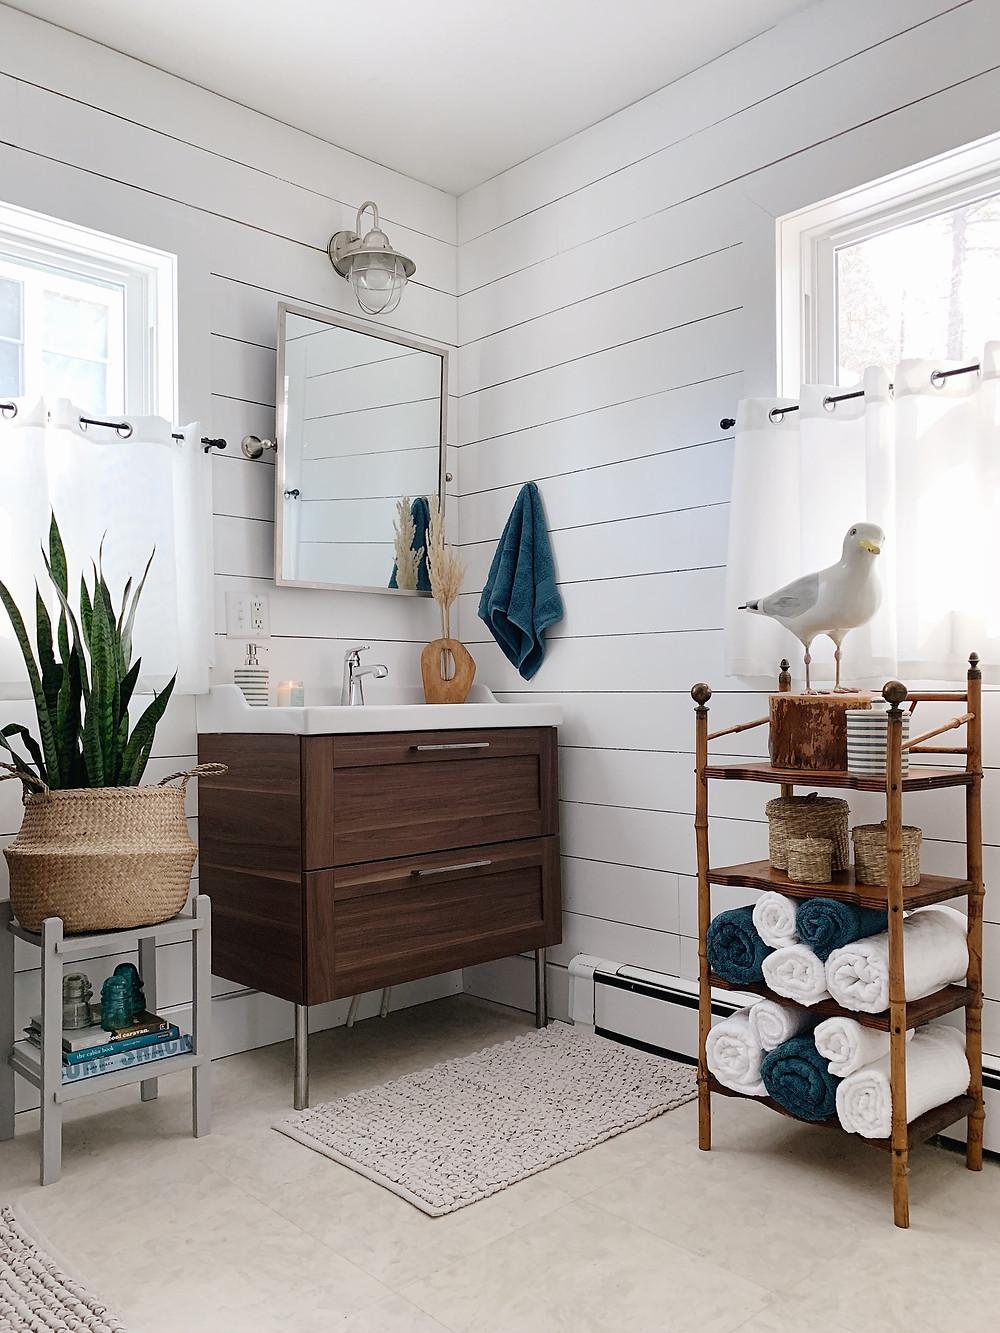 vintage shelf for bathroom towels